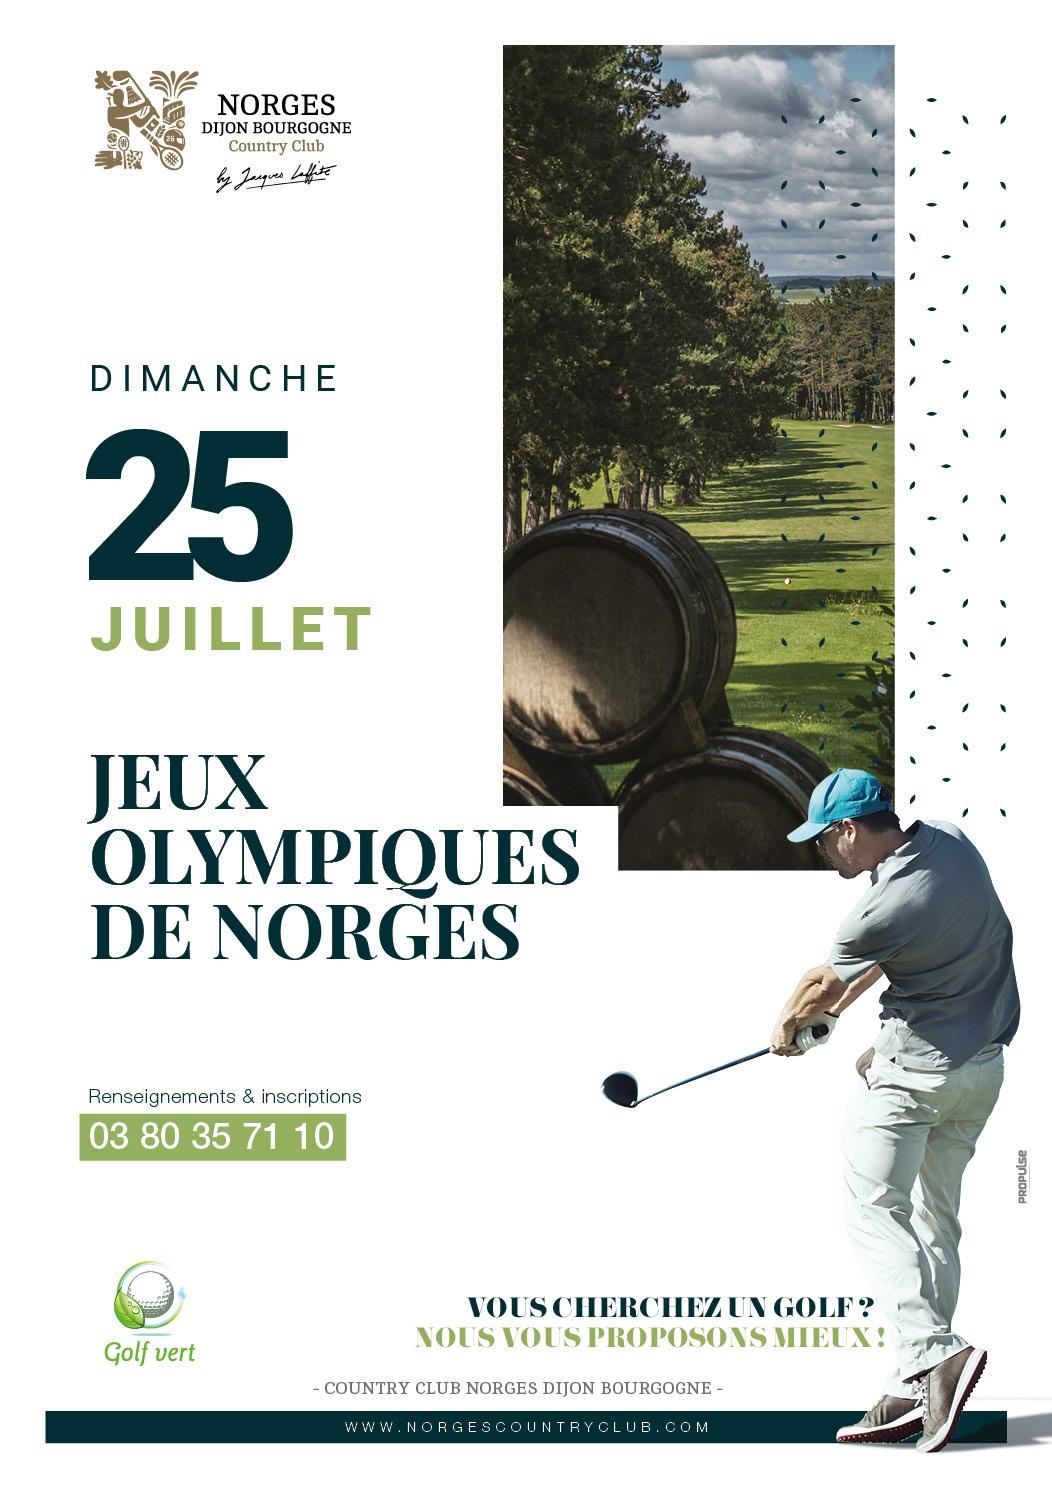 Jeux Olympiques de Norges